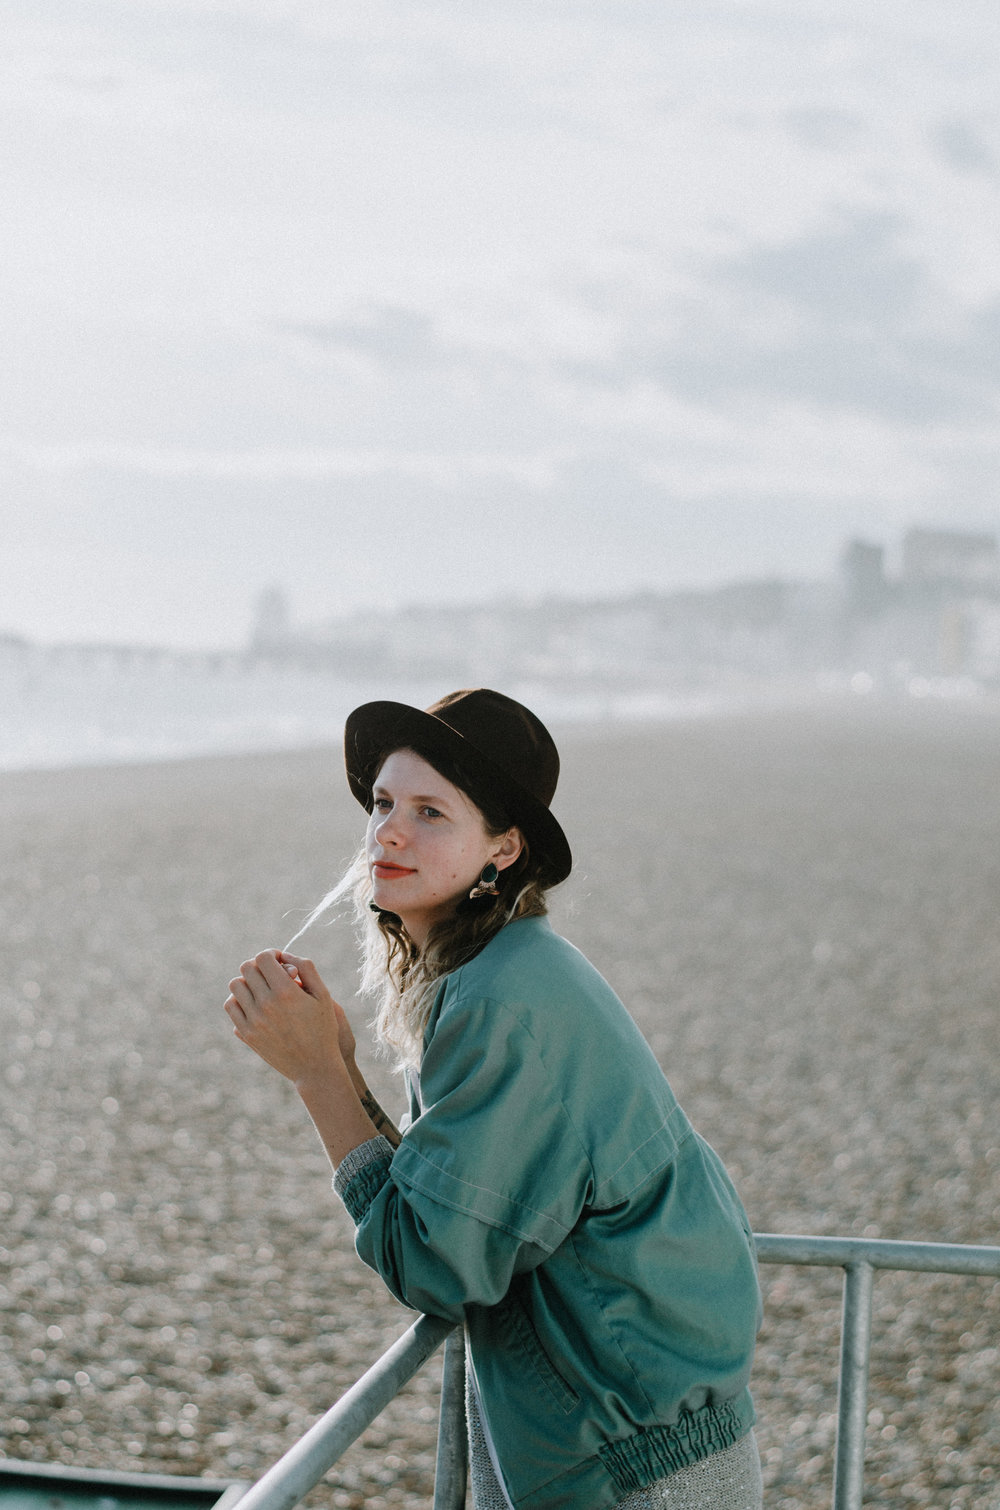 26th Birthday Portraits - Aiste Saulyte Photography-2.jpg